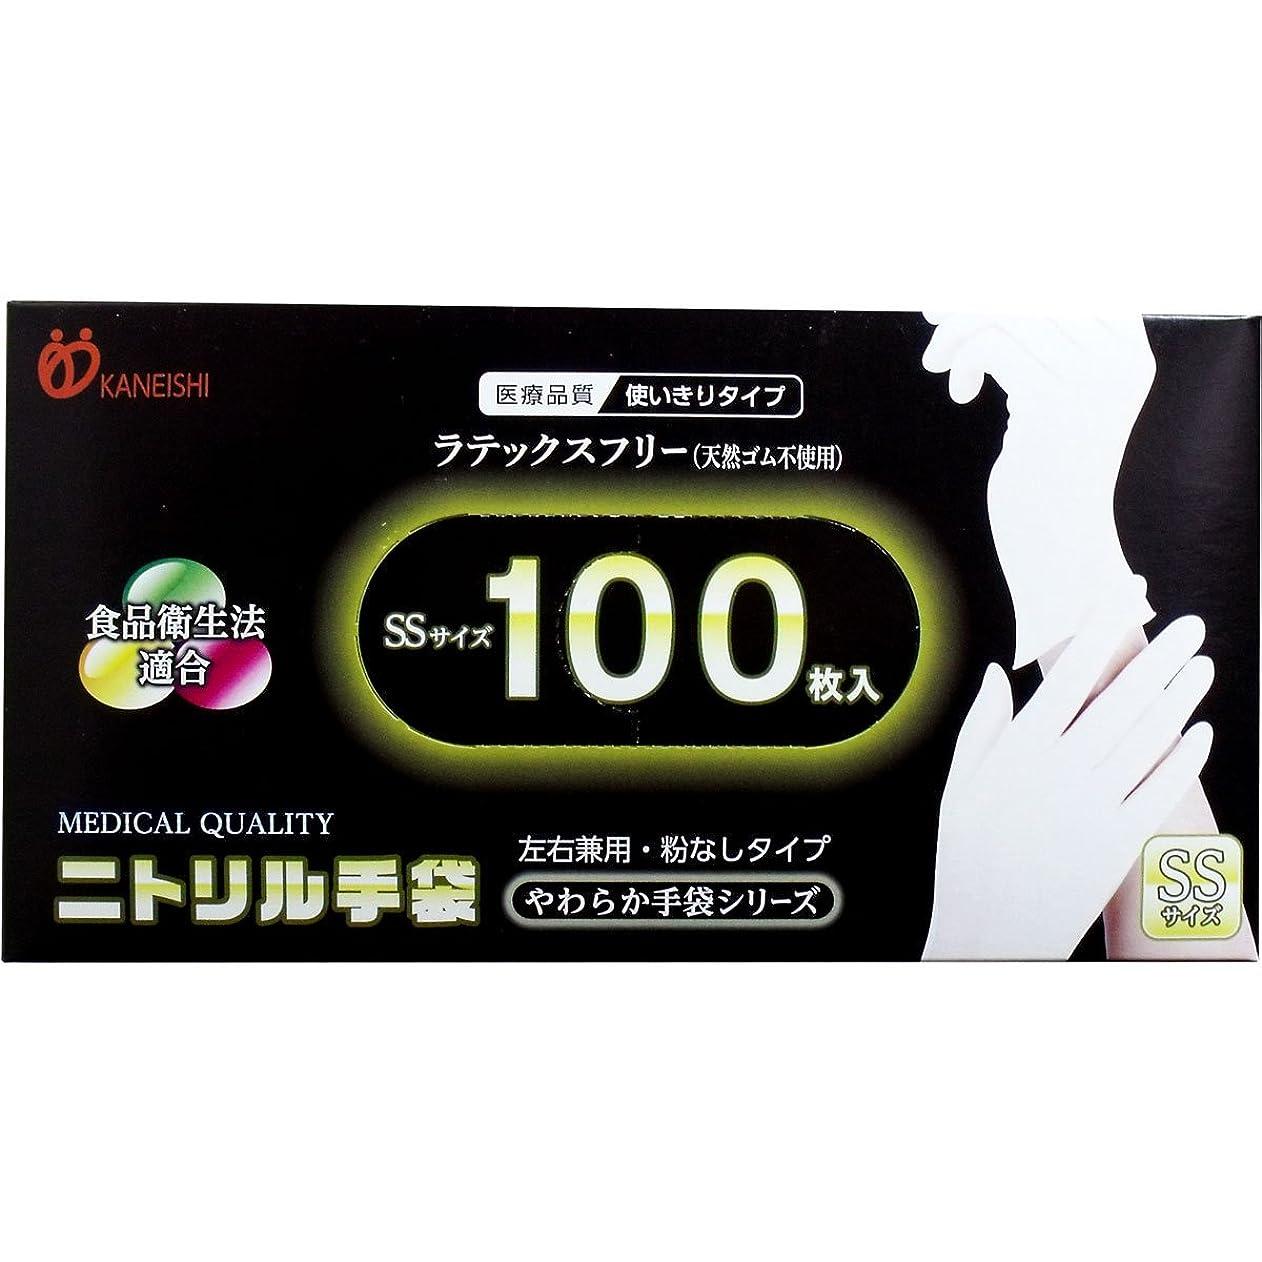 効果歯科の野菜ノンパウダータイプ 食品衛生法適合 便利 やわらかニトリル手袋 パウダーフリー 100枚入 SSサイズ